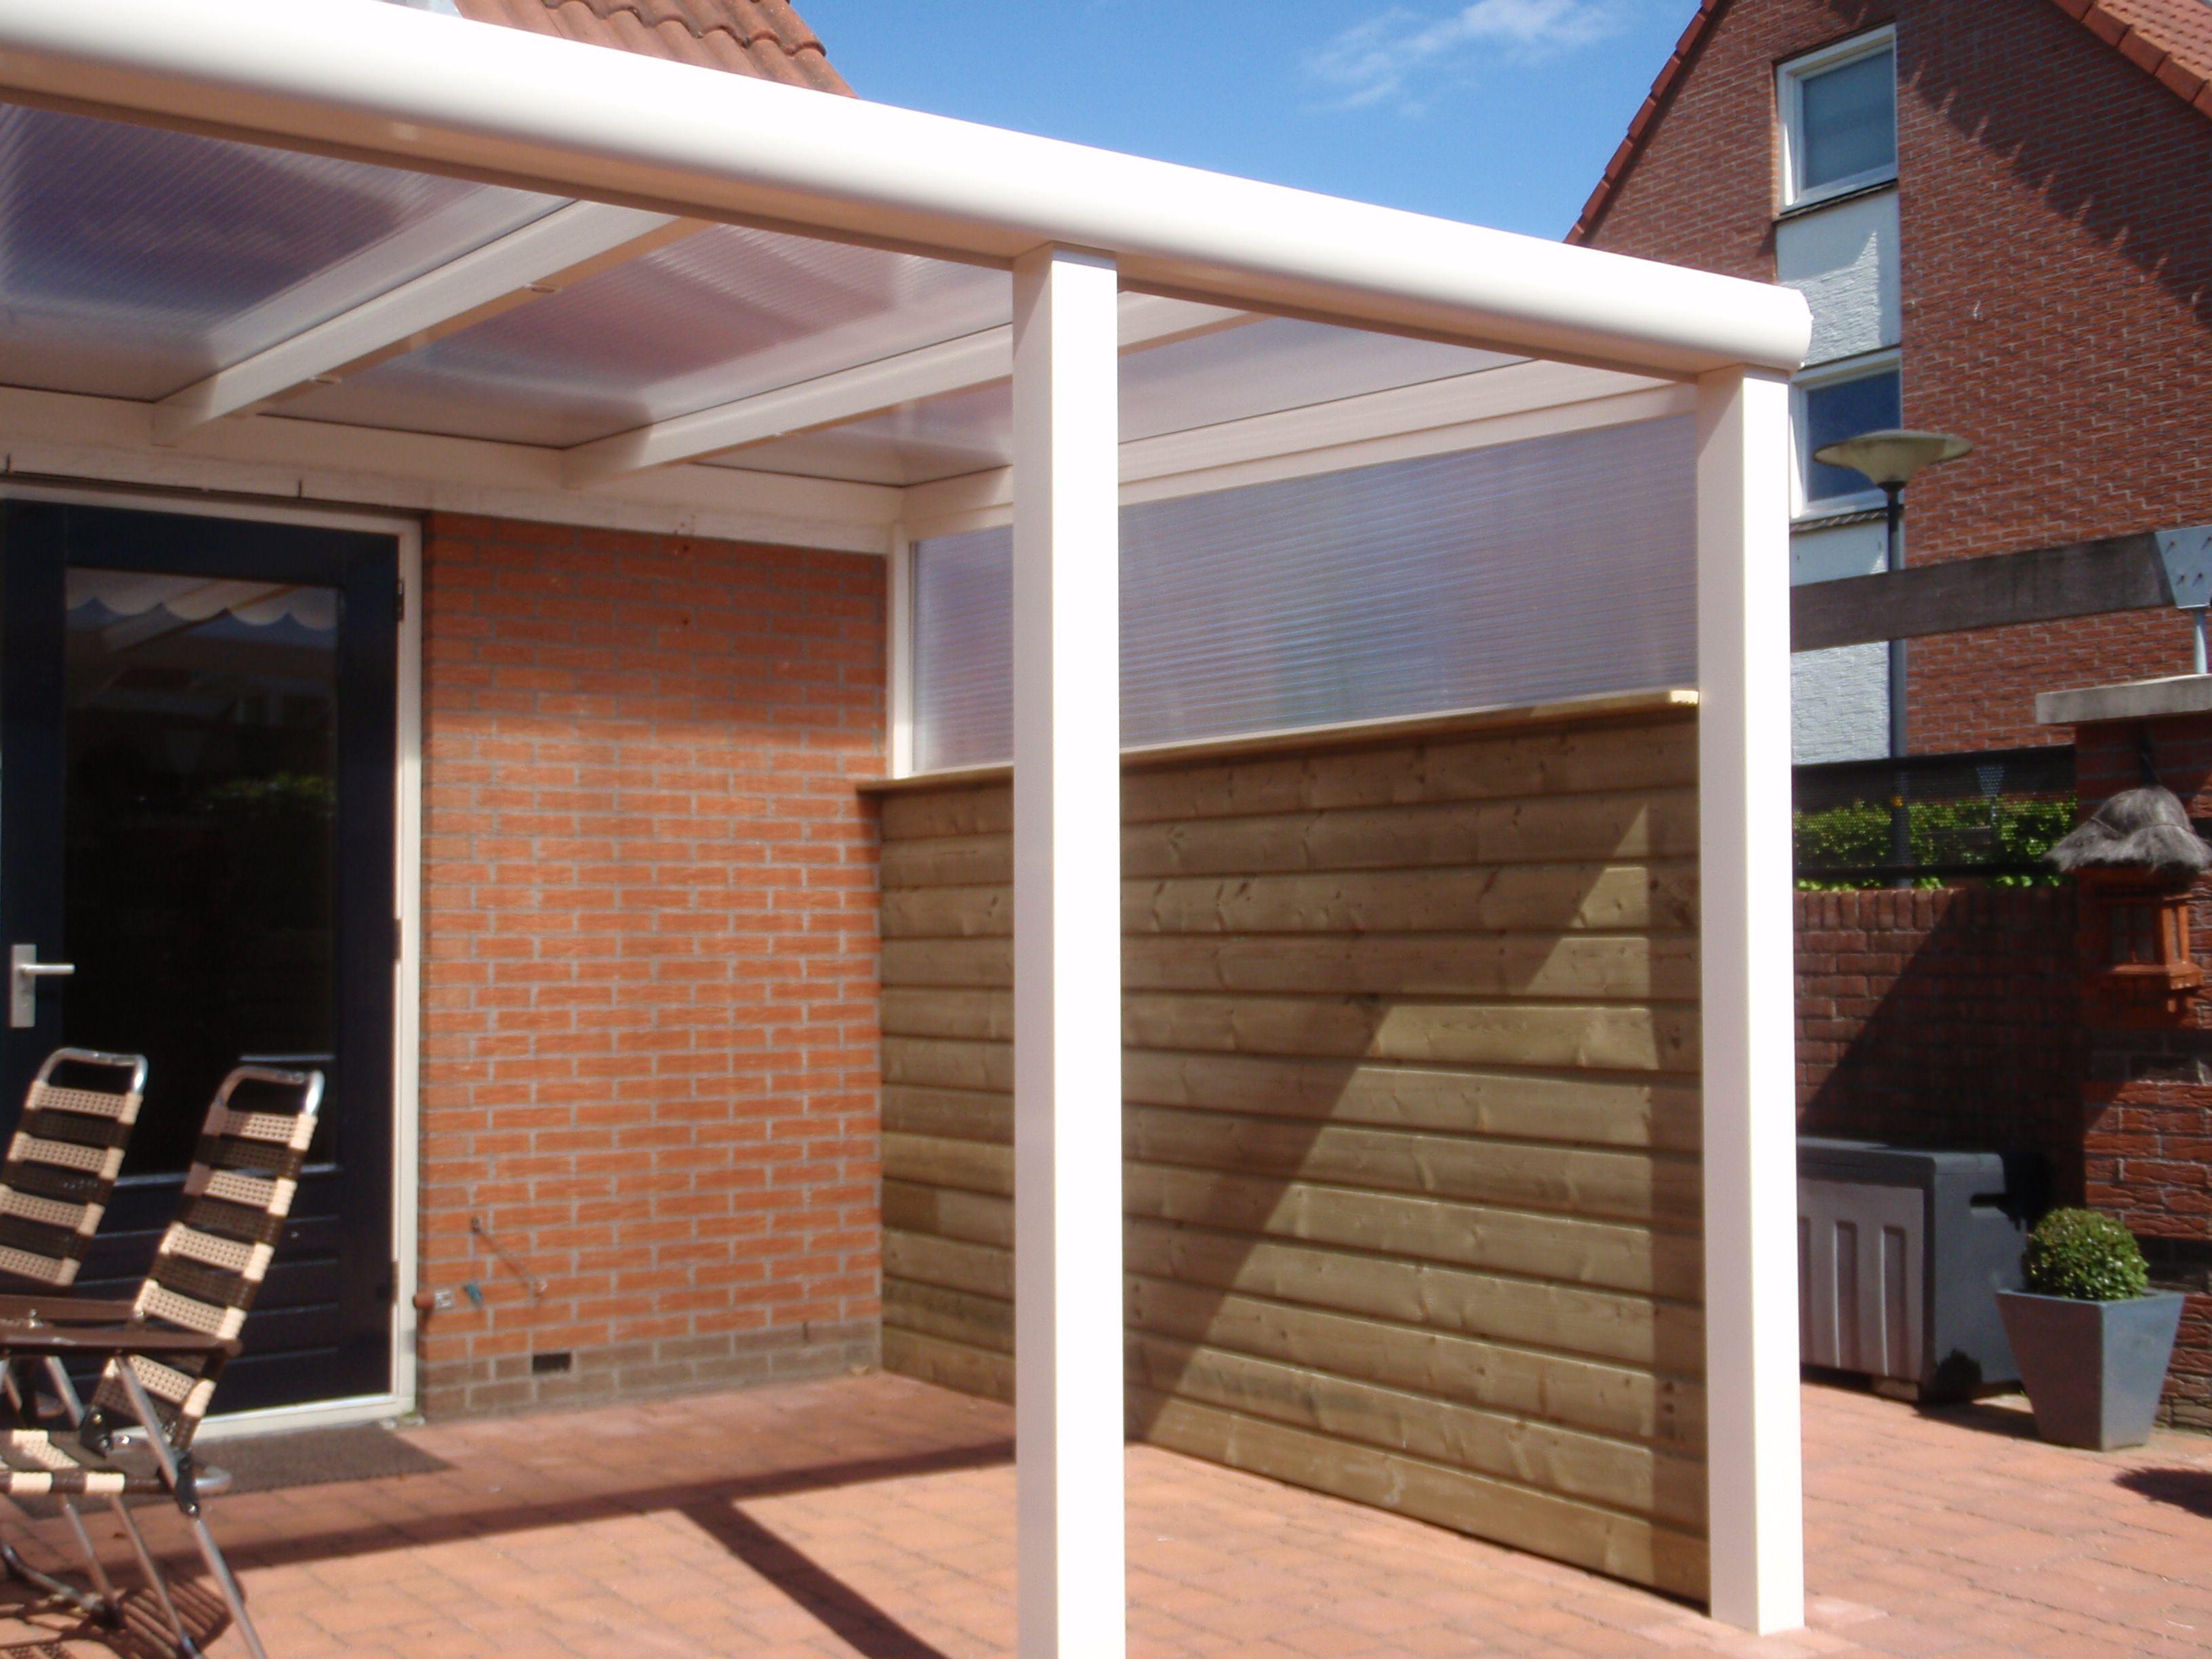 Veranda terrasoverkapping gemaakt van aluminium geeft sfeer in de tuin modern of klassiek - Veranda modern huis ...